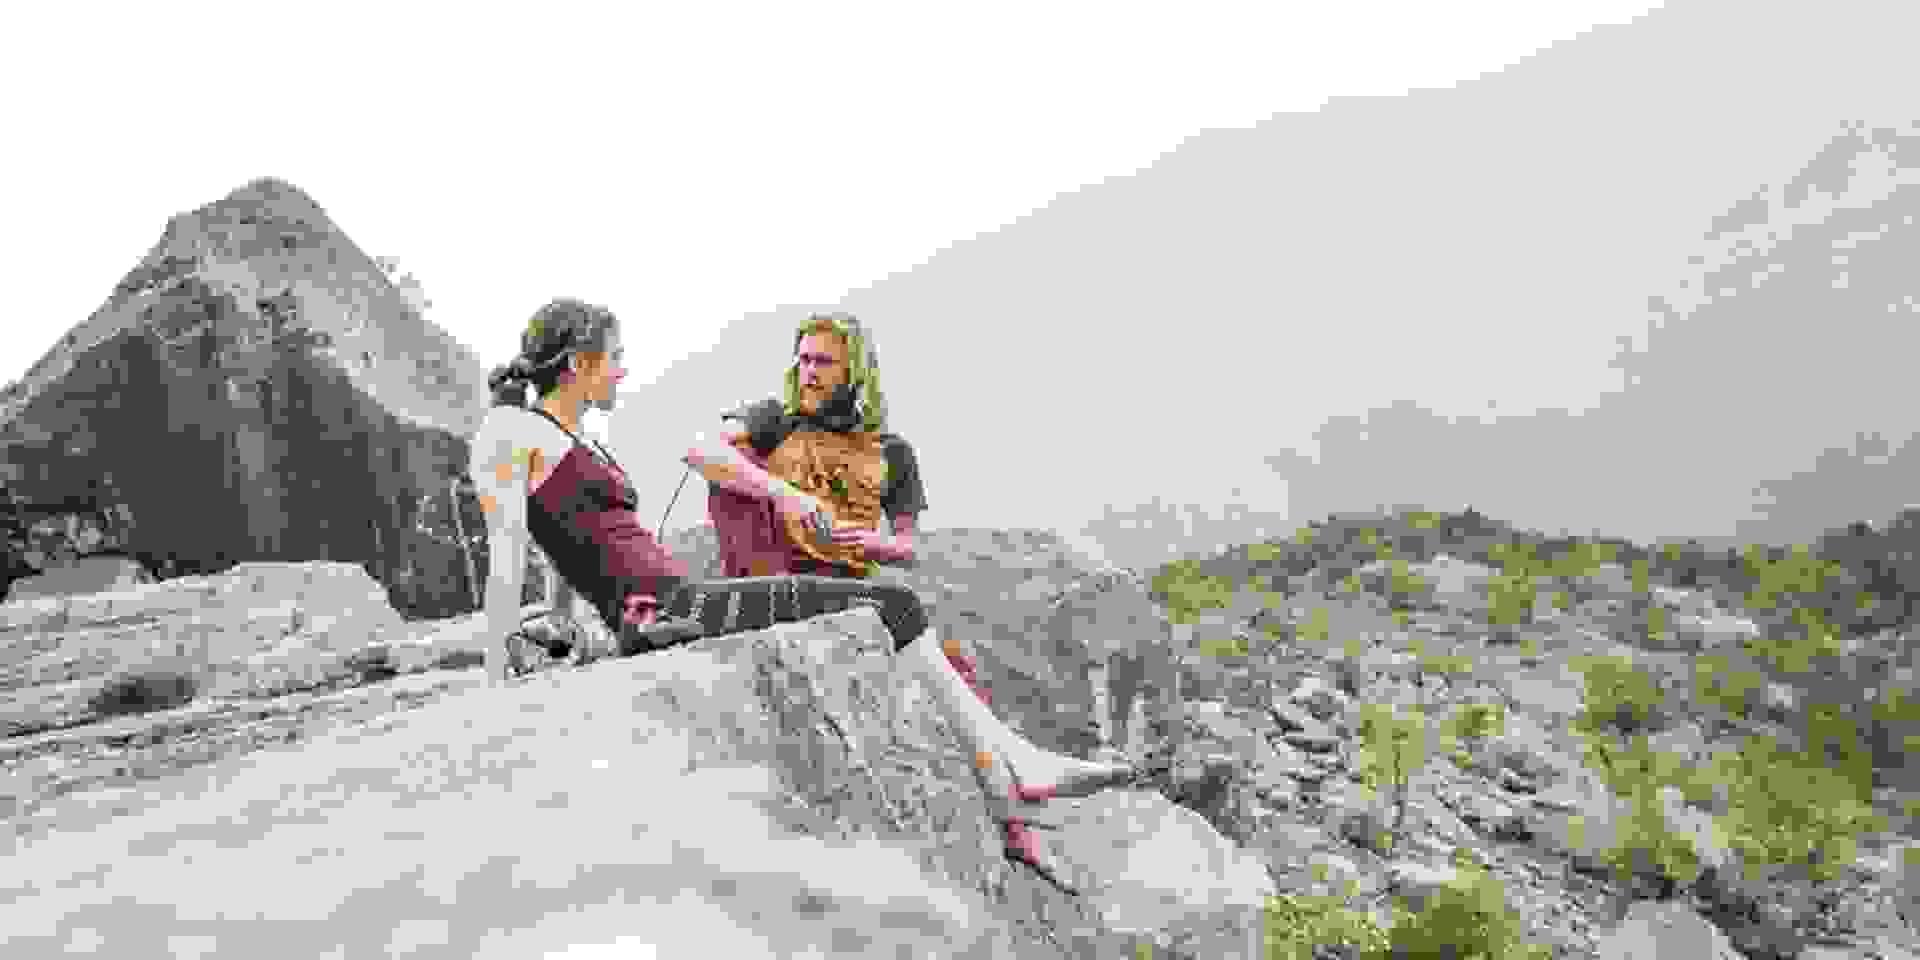 Ein Mann und eine Frau sitzen auf einem Felsen und unterhalten sich.